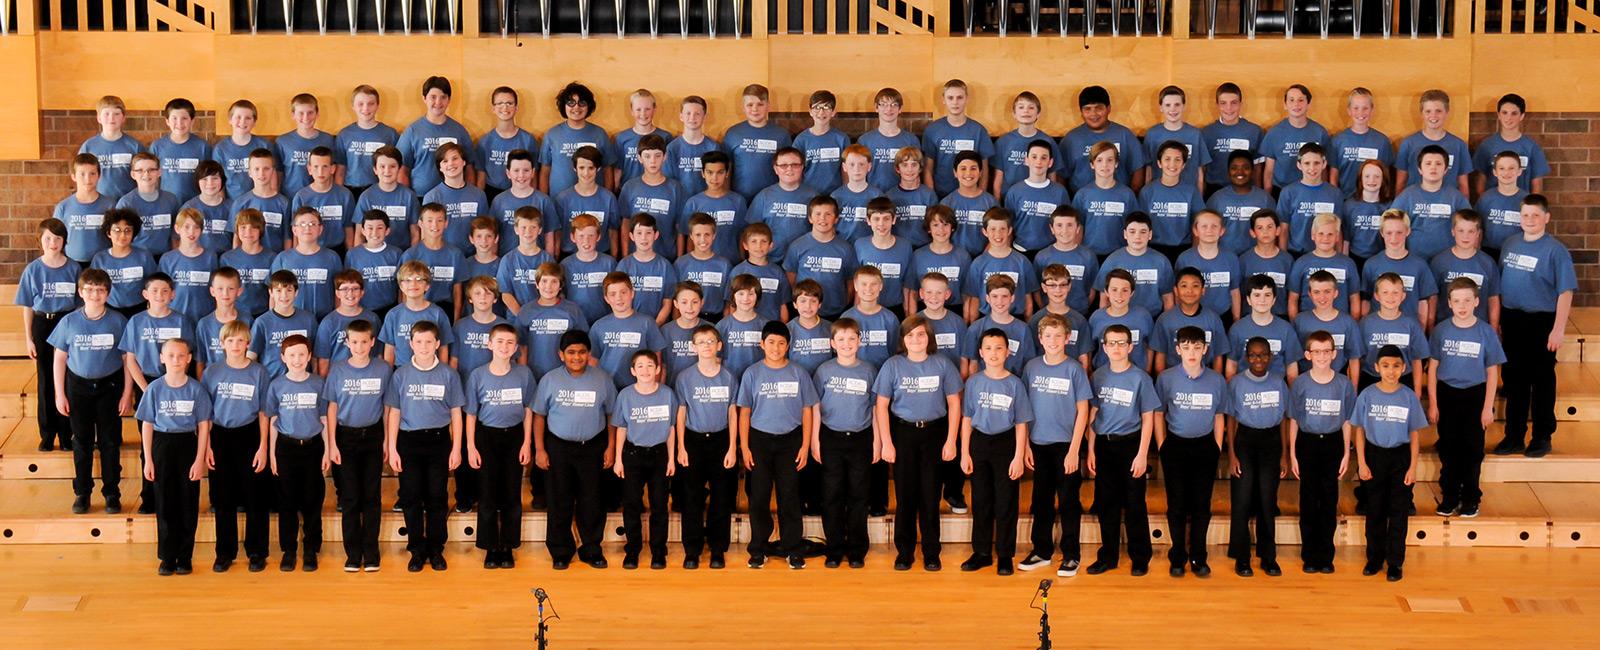 ACDA-MN Honors Choir 2016